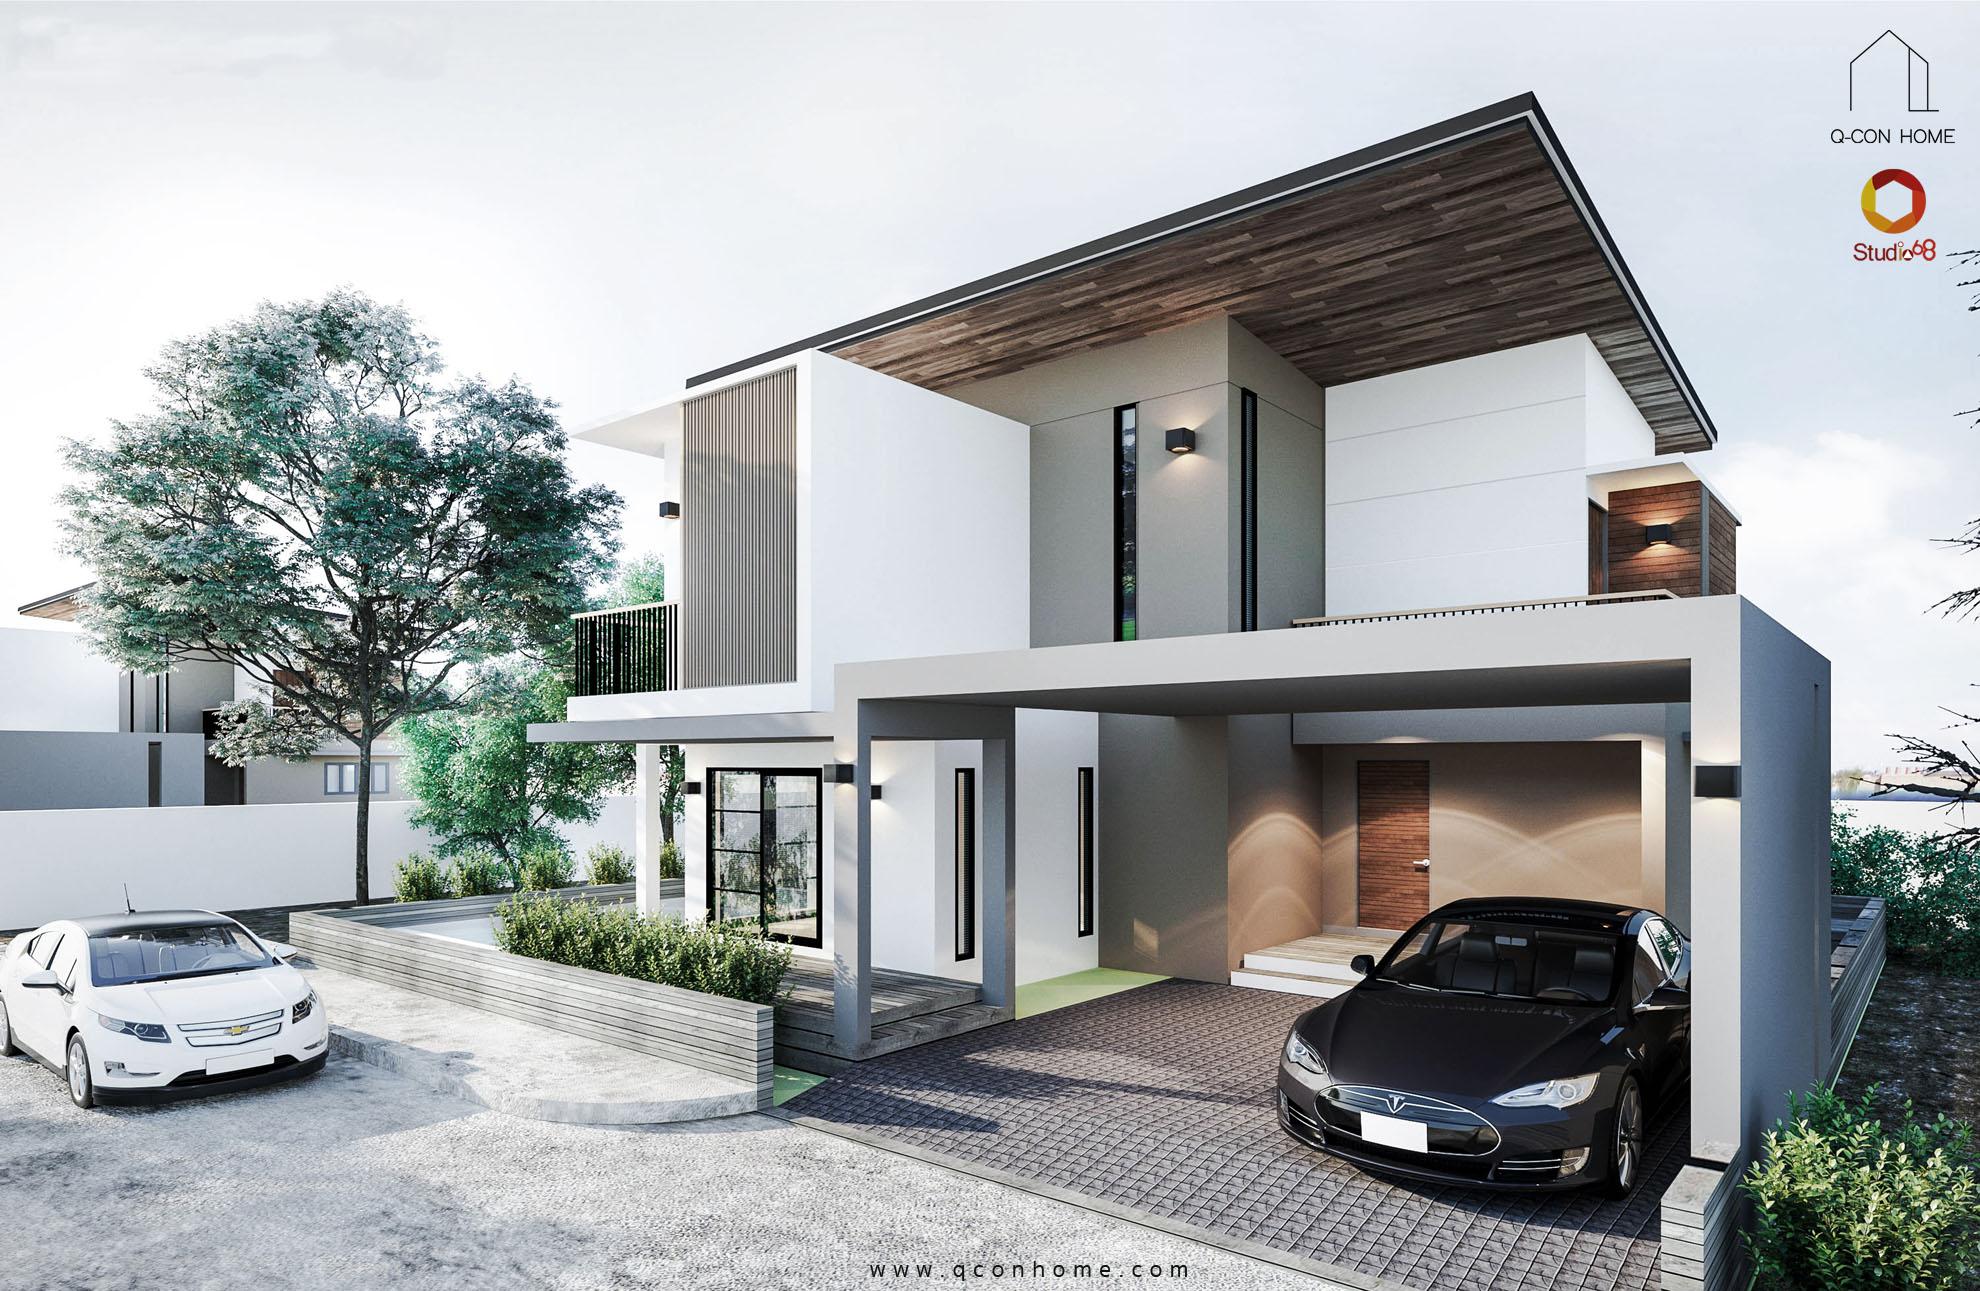 The-Bright-2-Architecture-qconhome-contractor